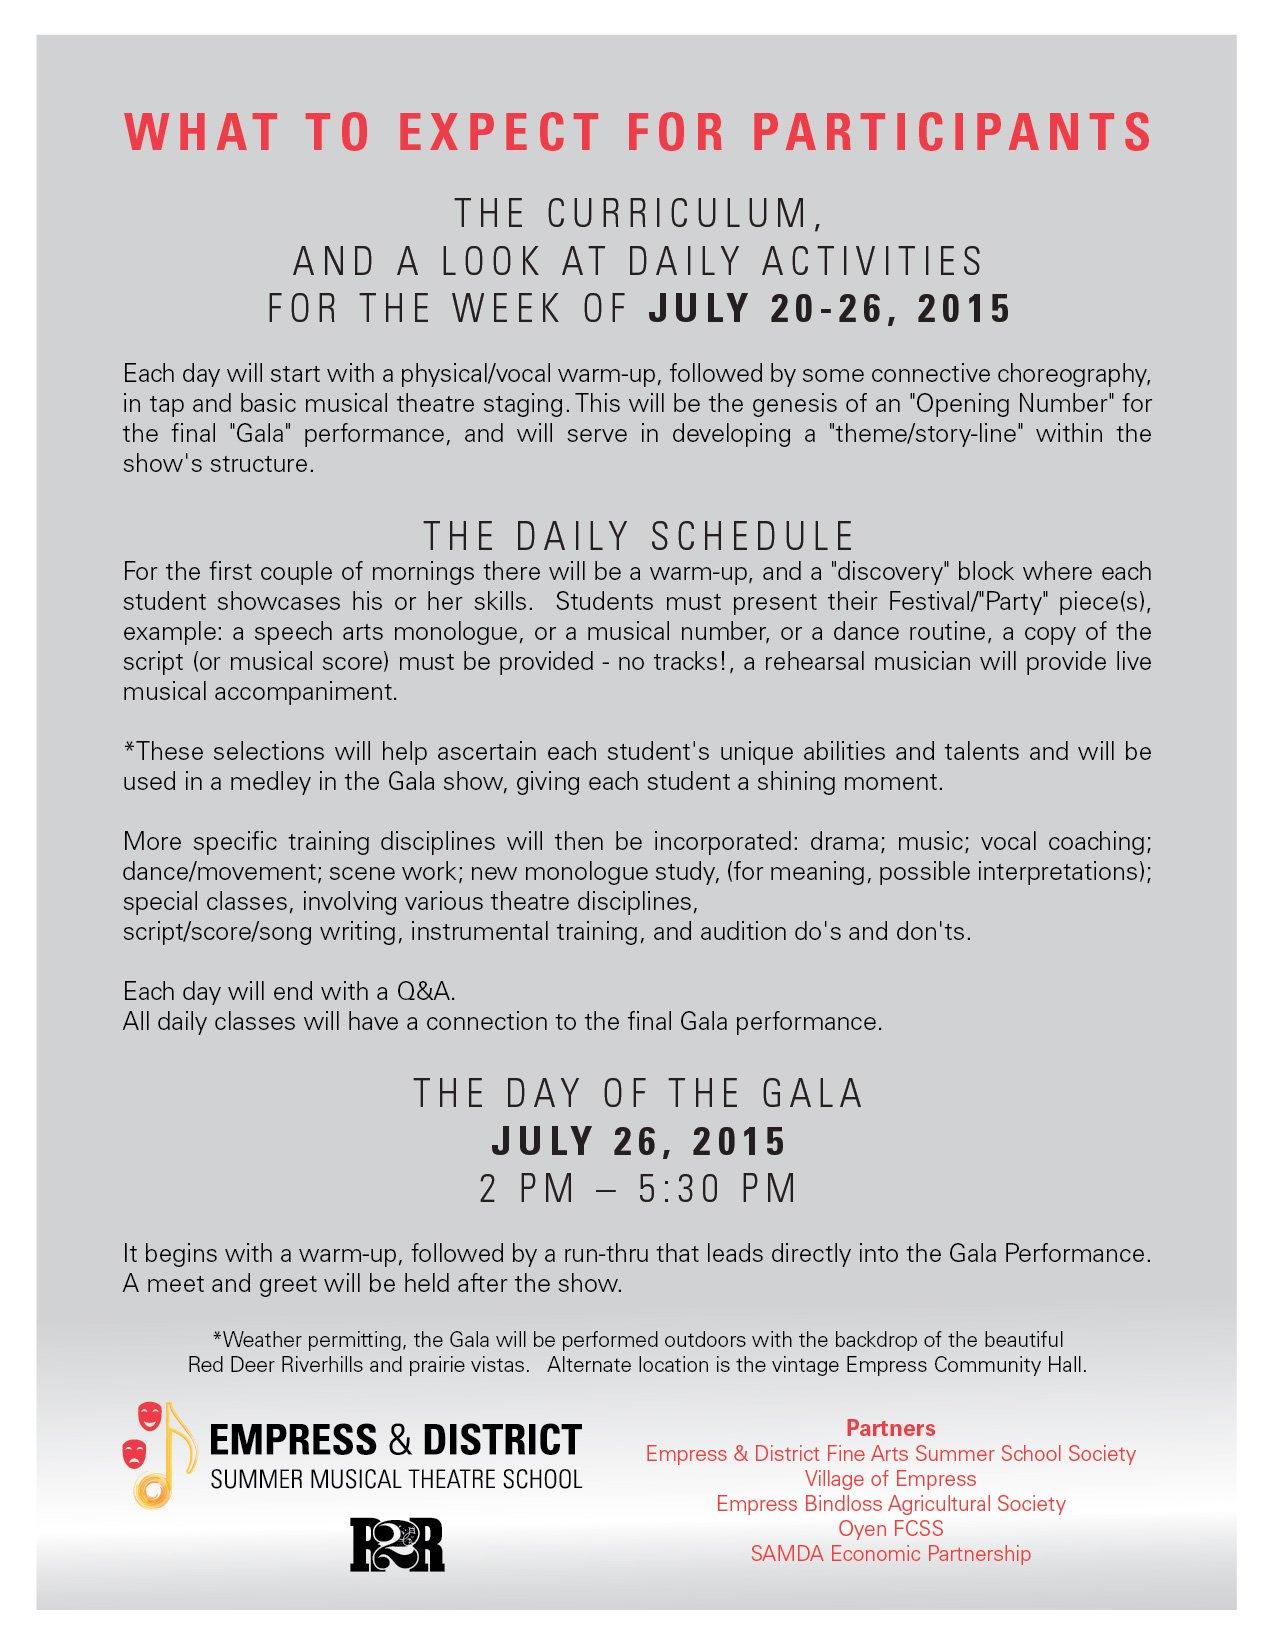 Camp (Empress): Empress Summer Musical Theatre School